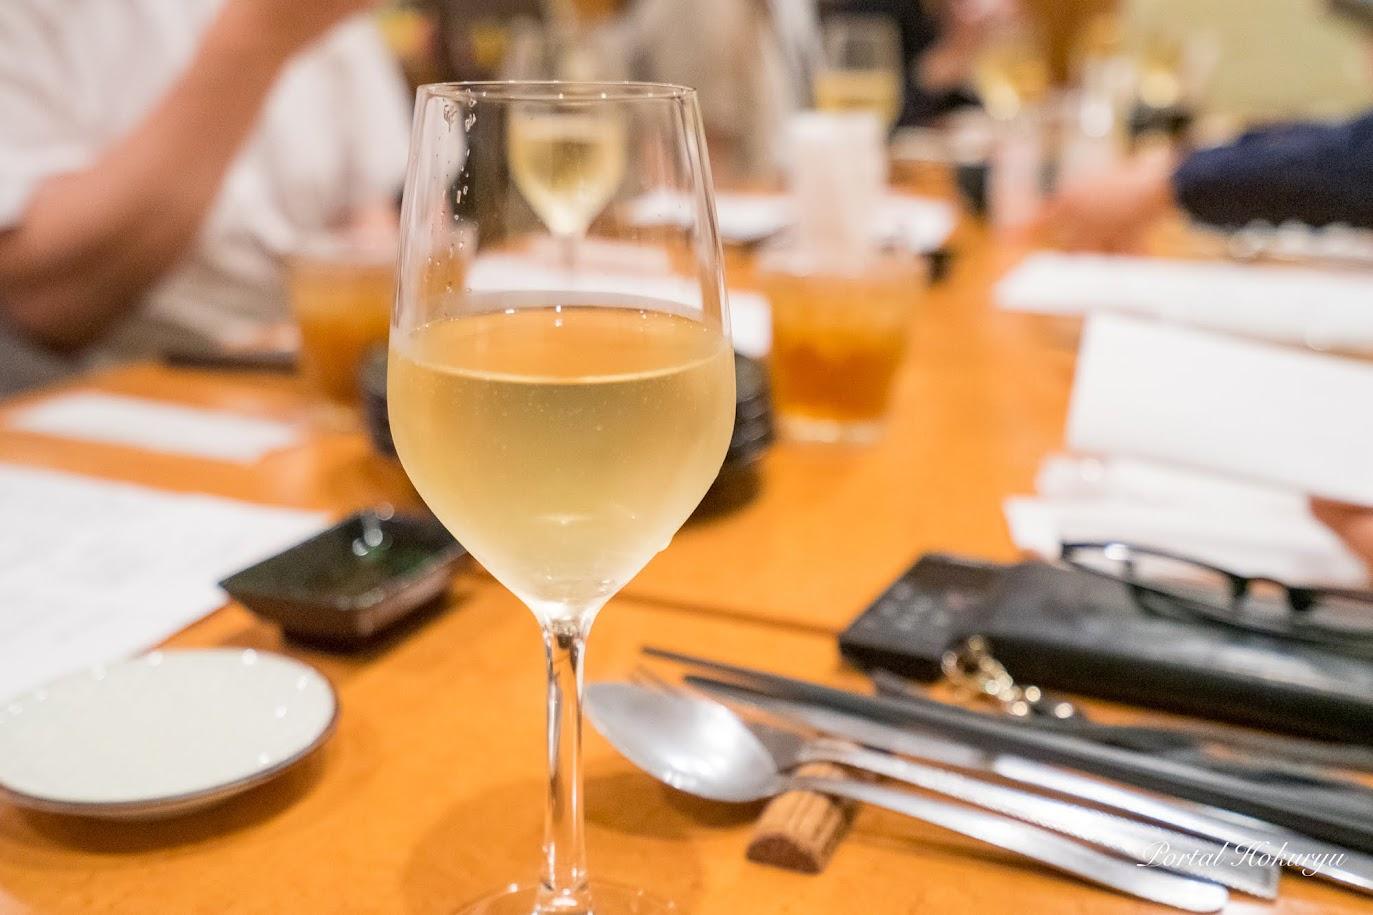 白ワイン、赤ワインもついています